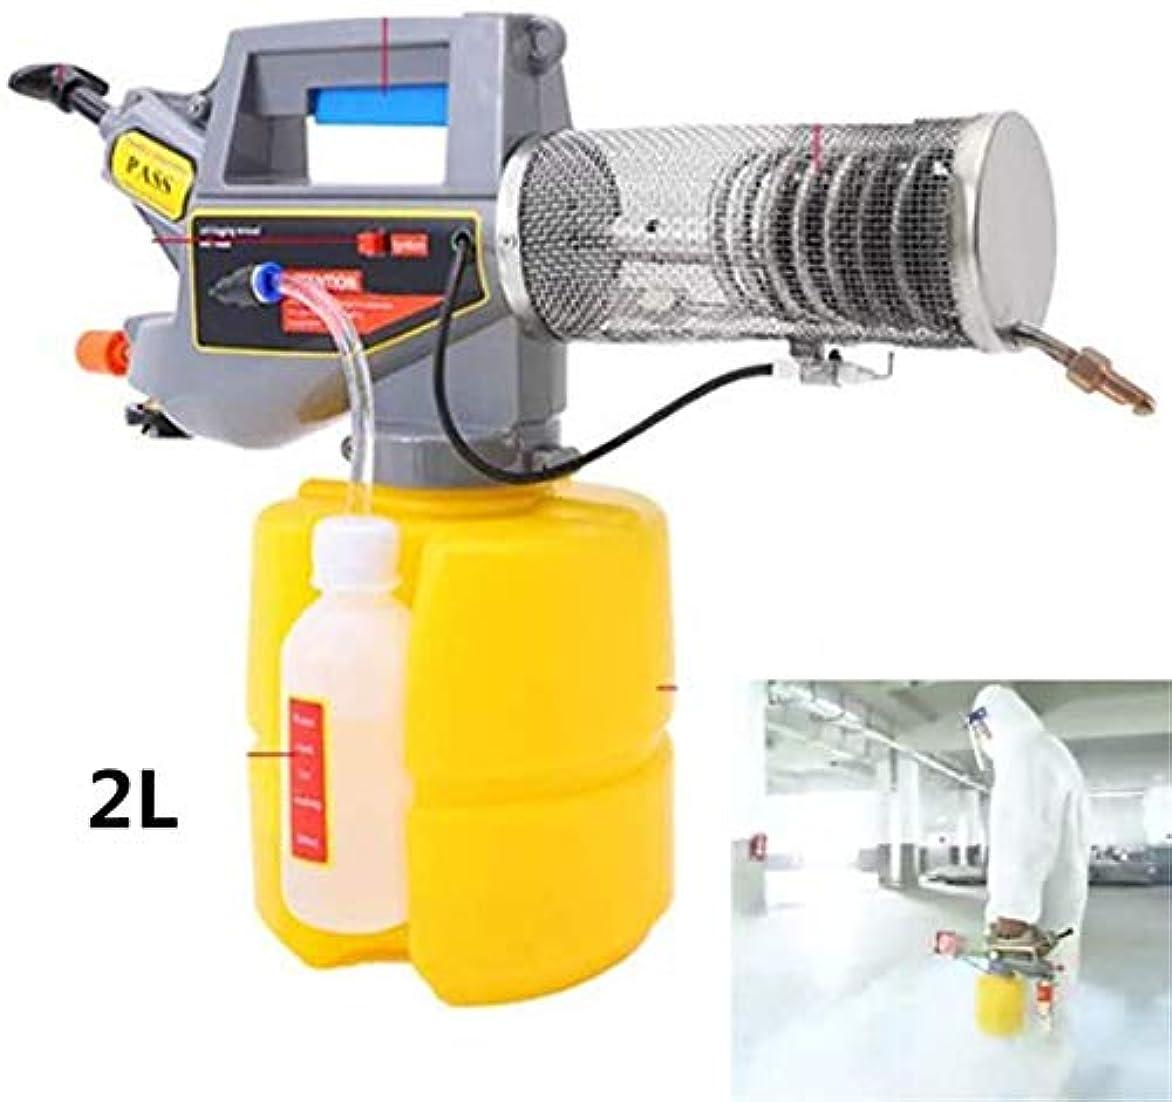 サスティーン顕微鏡メナジェリー2L ポータブル 熱の 噴霧器、 多機能 蚊 キラー 消毒 機械 殺虫剤 ガス かぶり フォガー 殺菌 ために 庭園,a